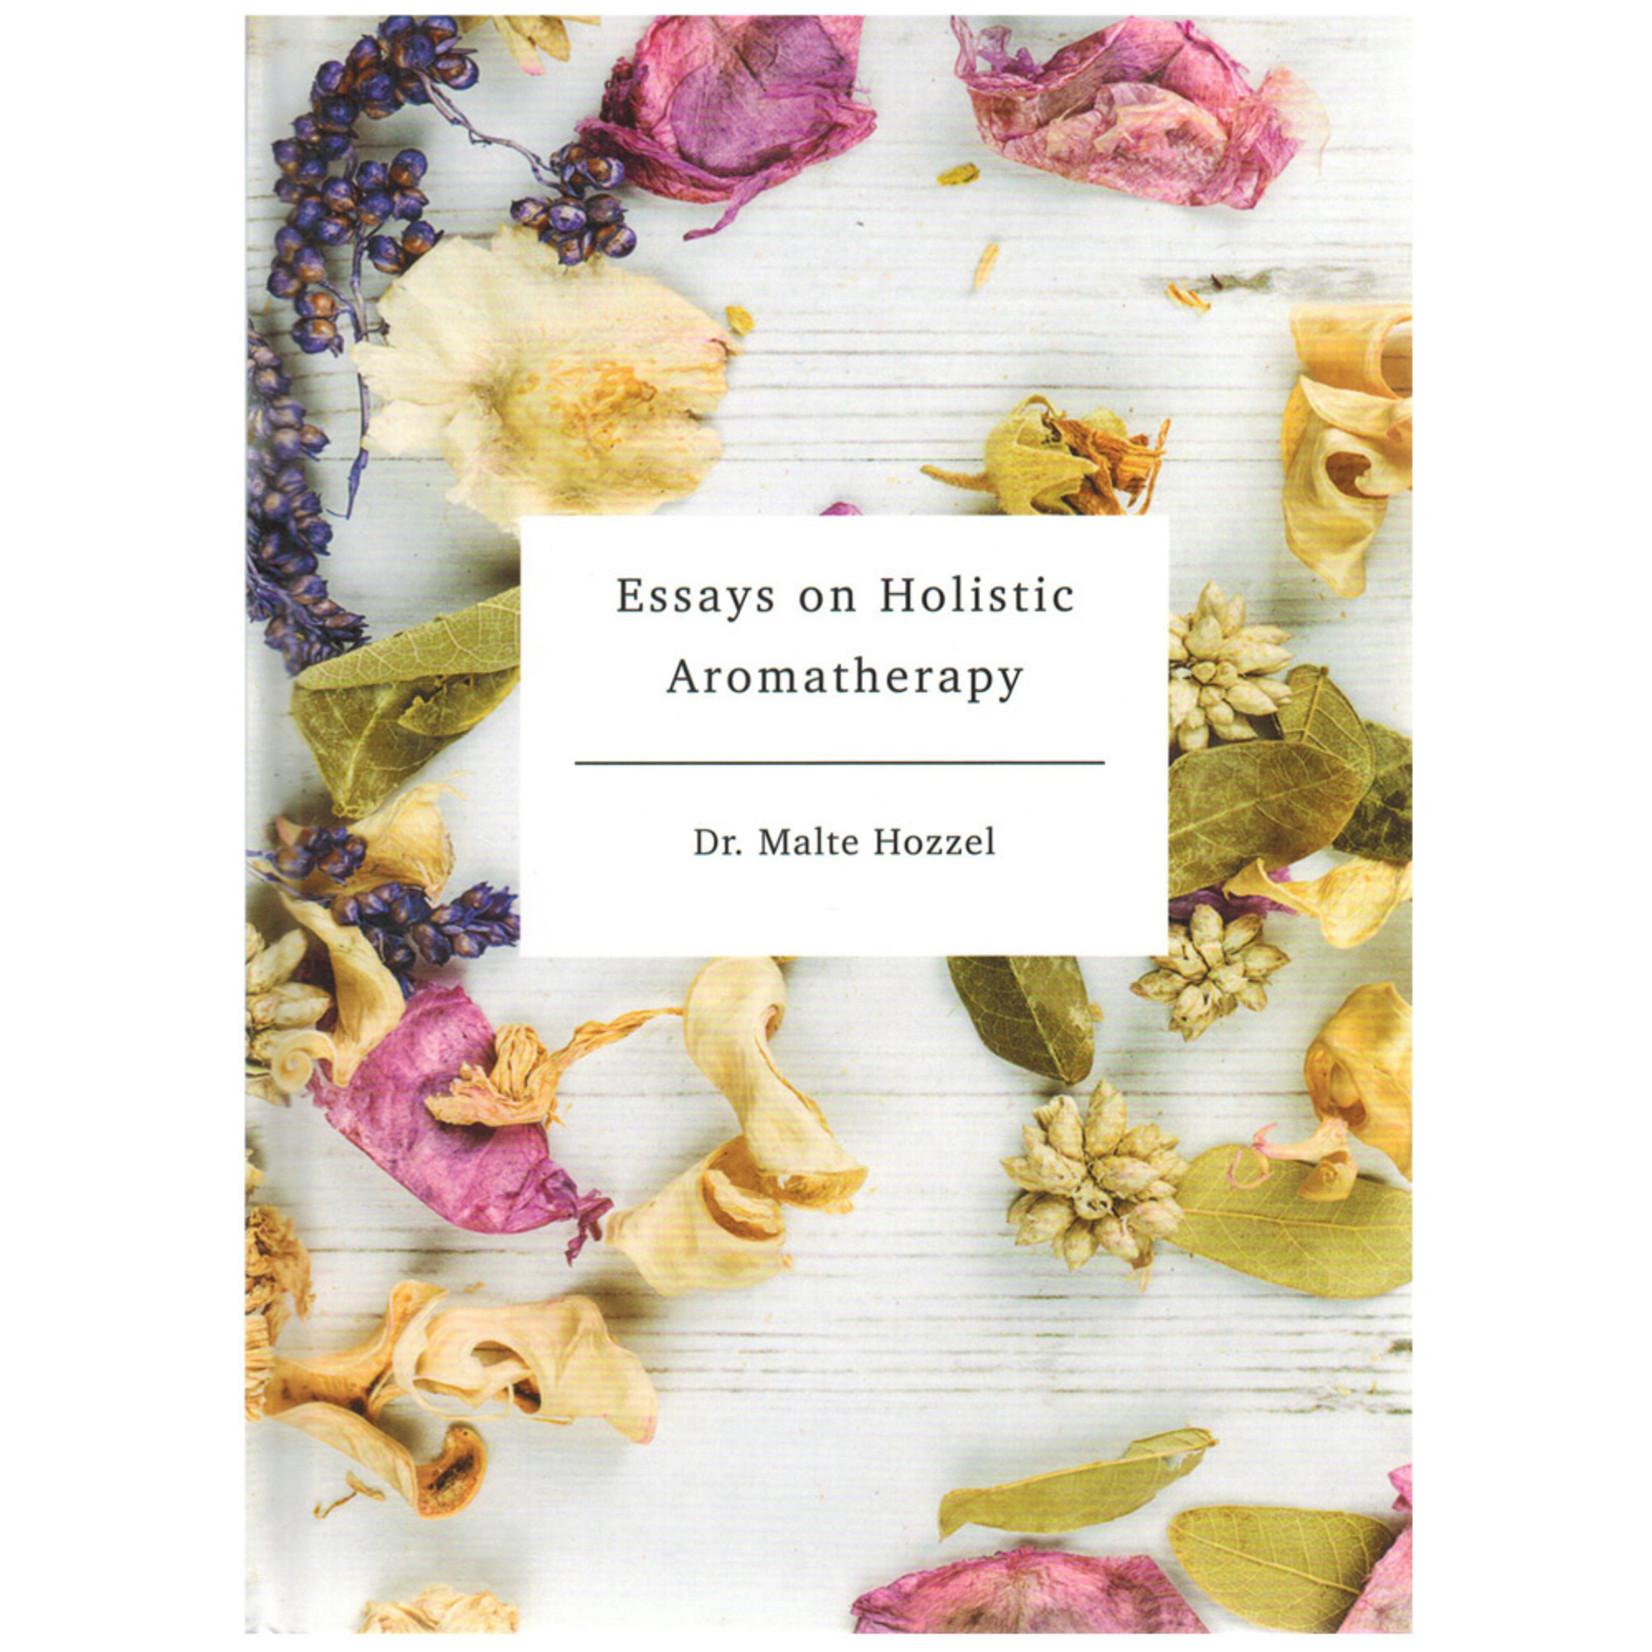 Oshadhi Boek - Essays on Holistic Aromatherapy - Dr. Malte Hozzel